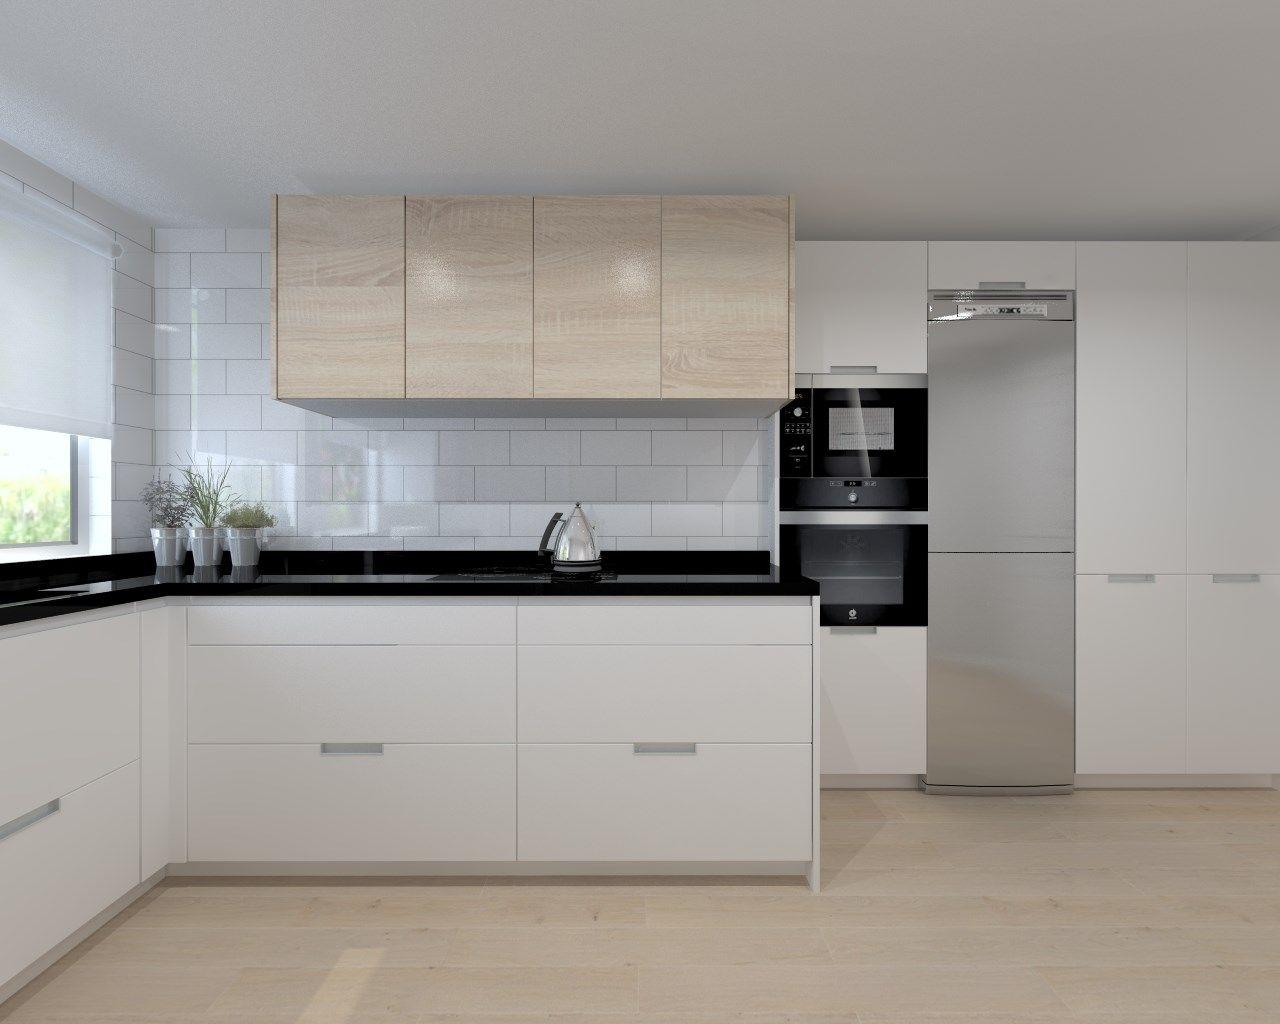 Cocina santos modelo line estratificado blanco con for Cocinas de granito negro